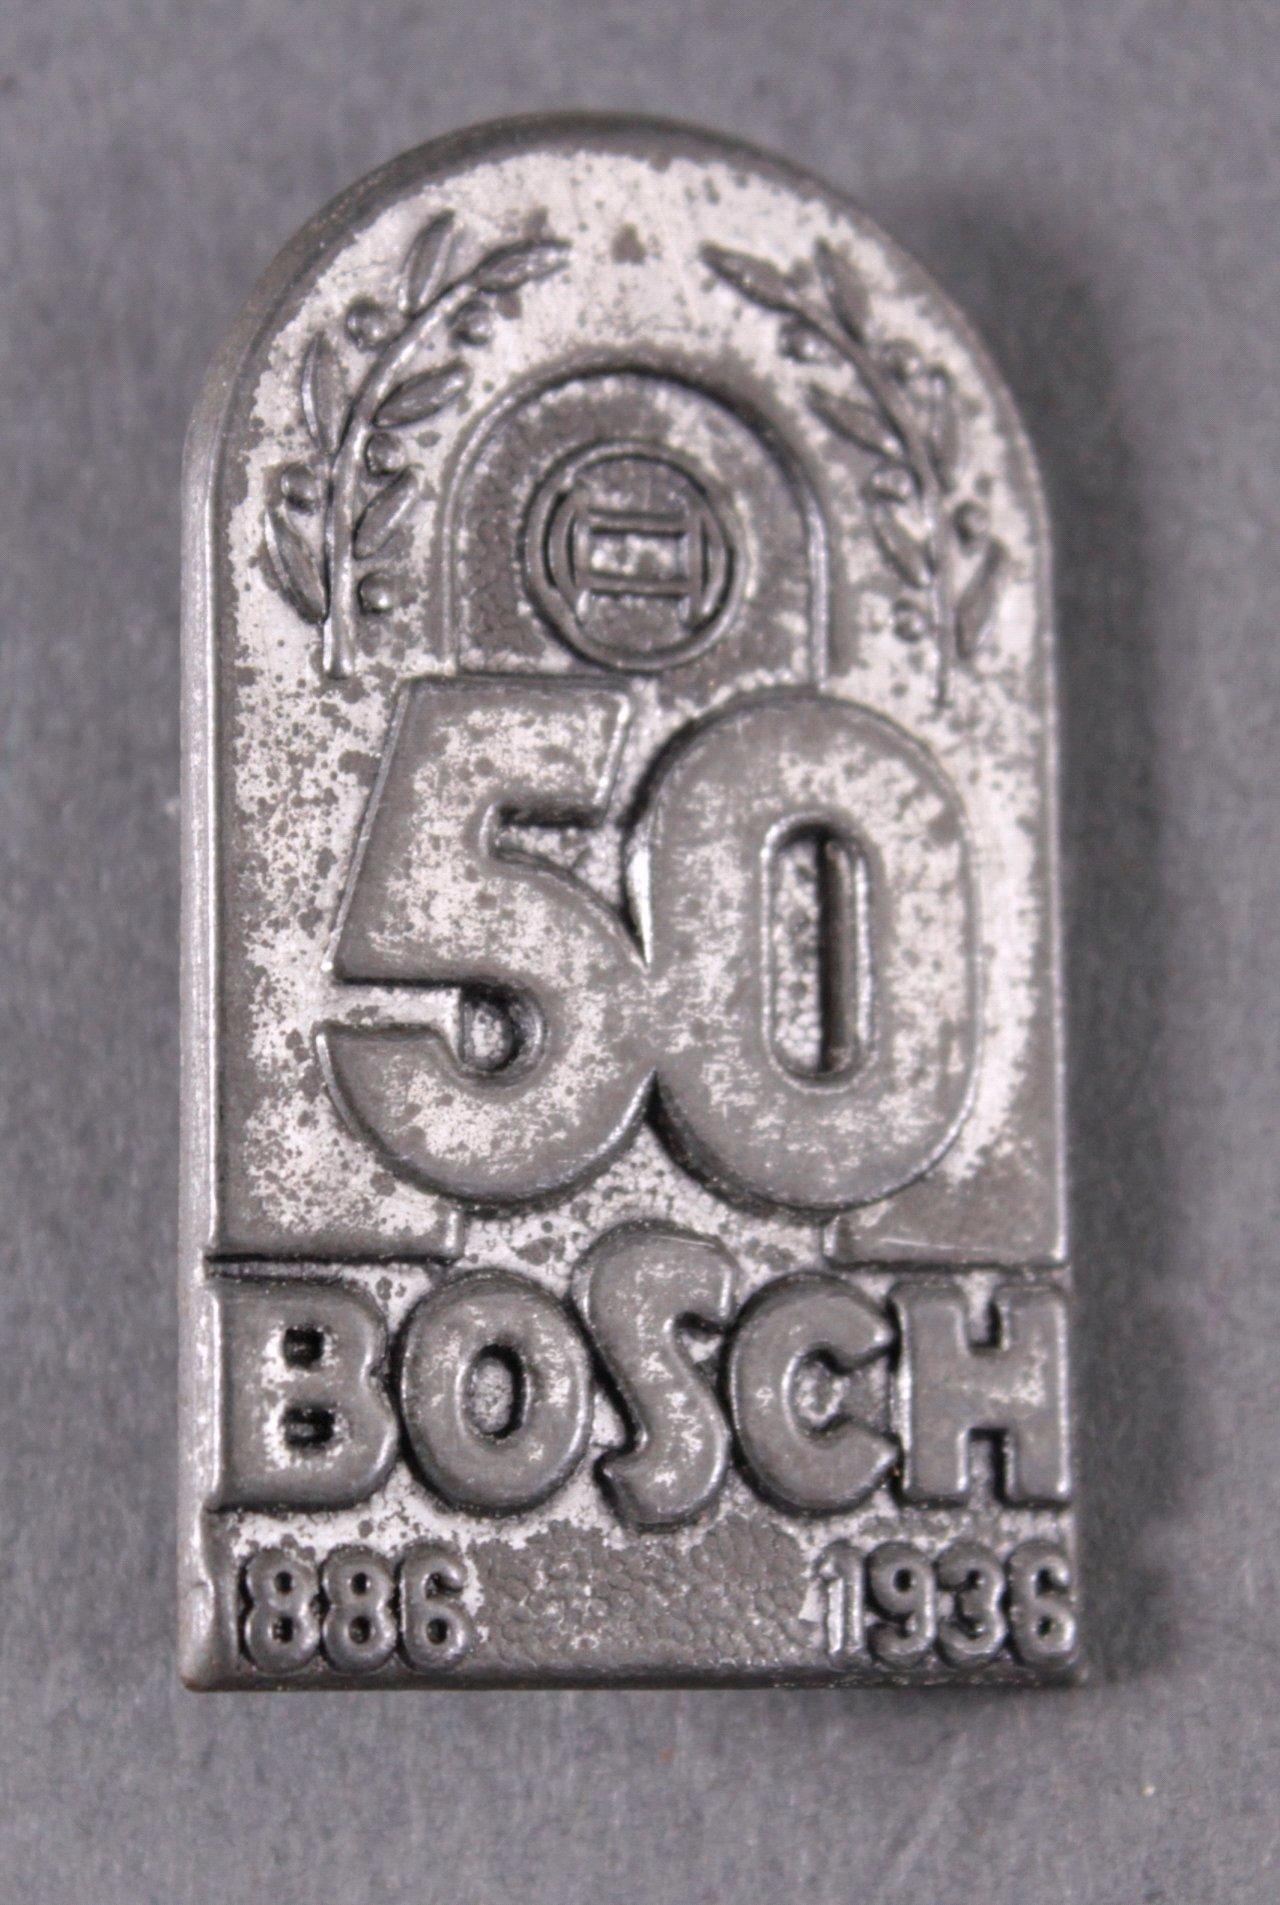 Anstecker, 50 Jahre Bosch 1936